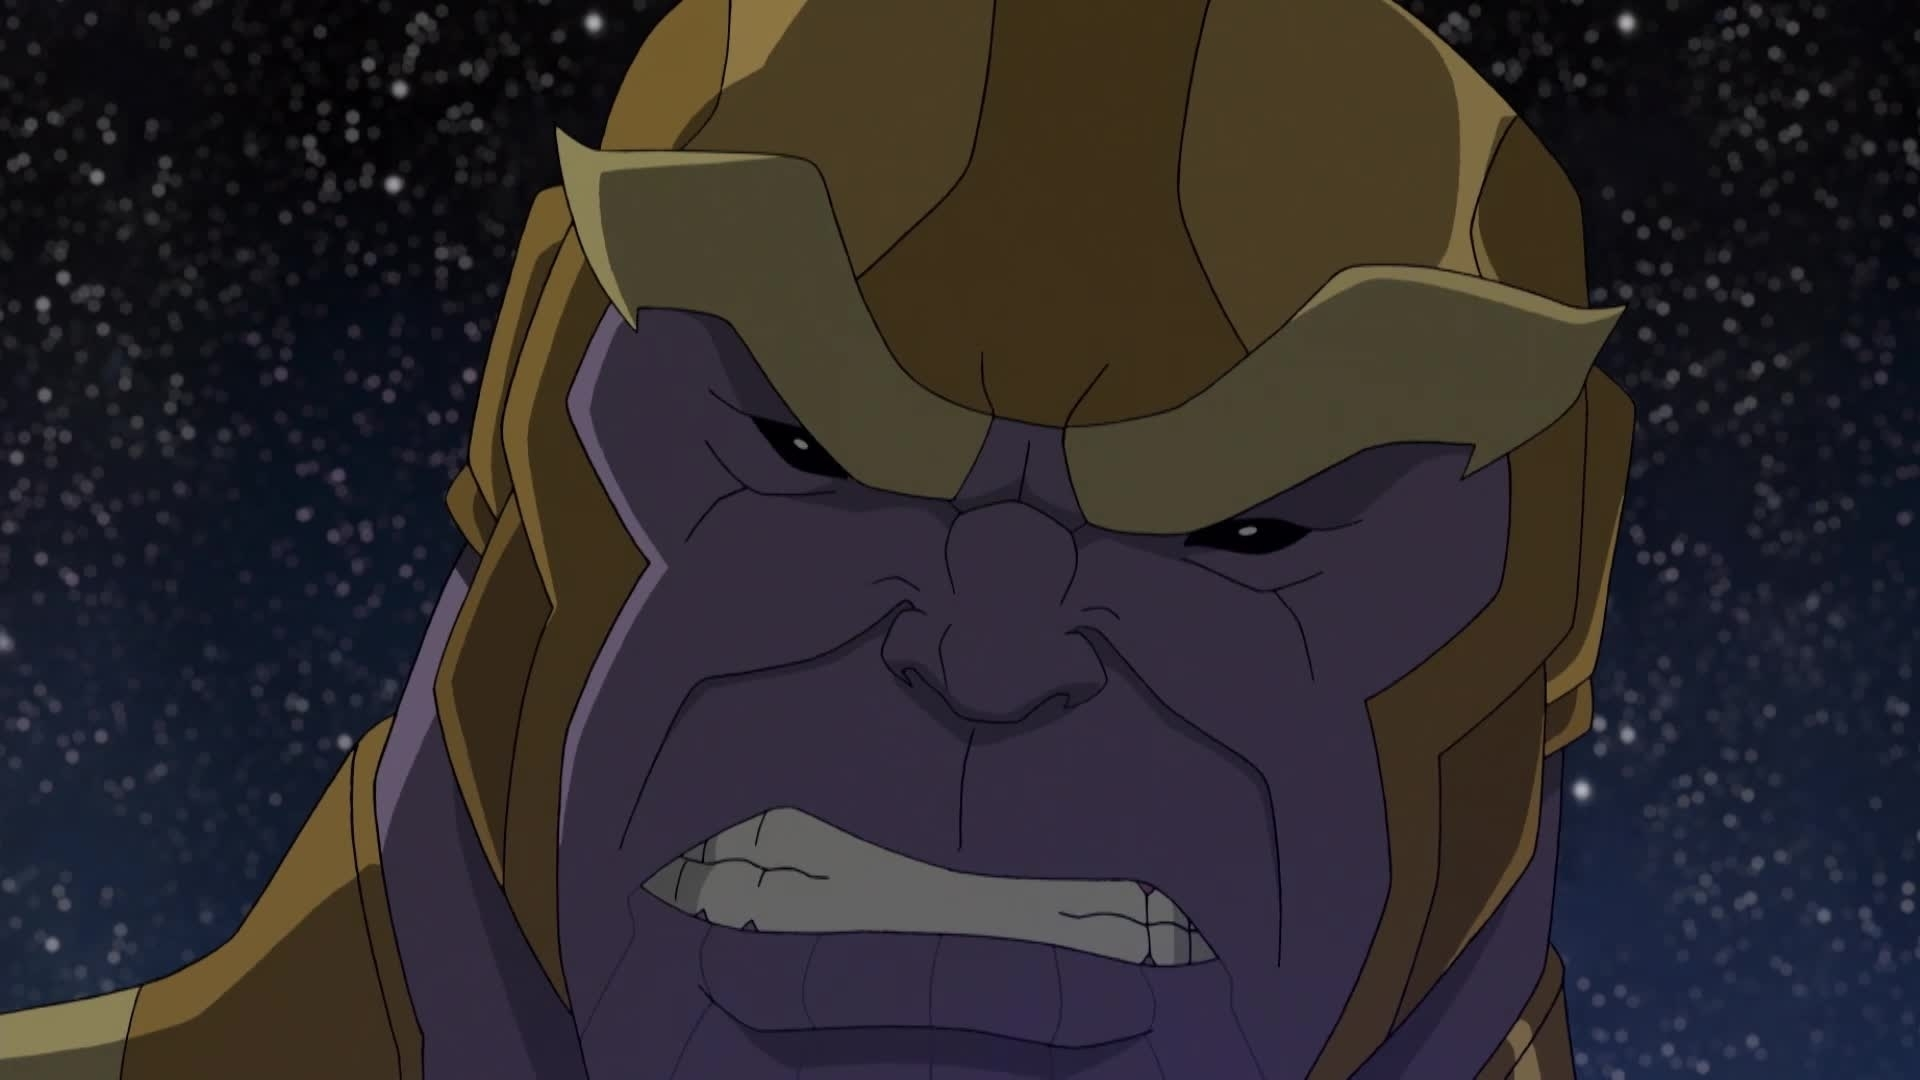 Avengers Assemble - Thanos valt aan!